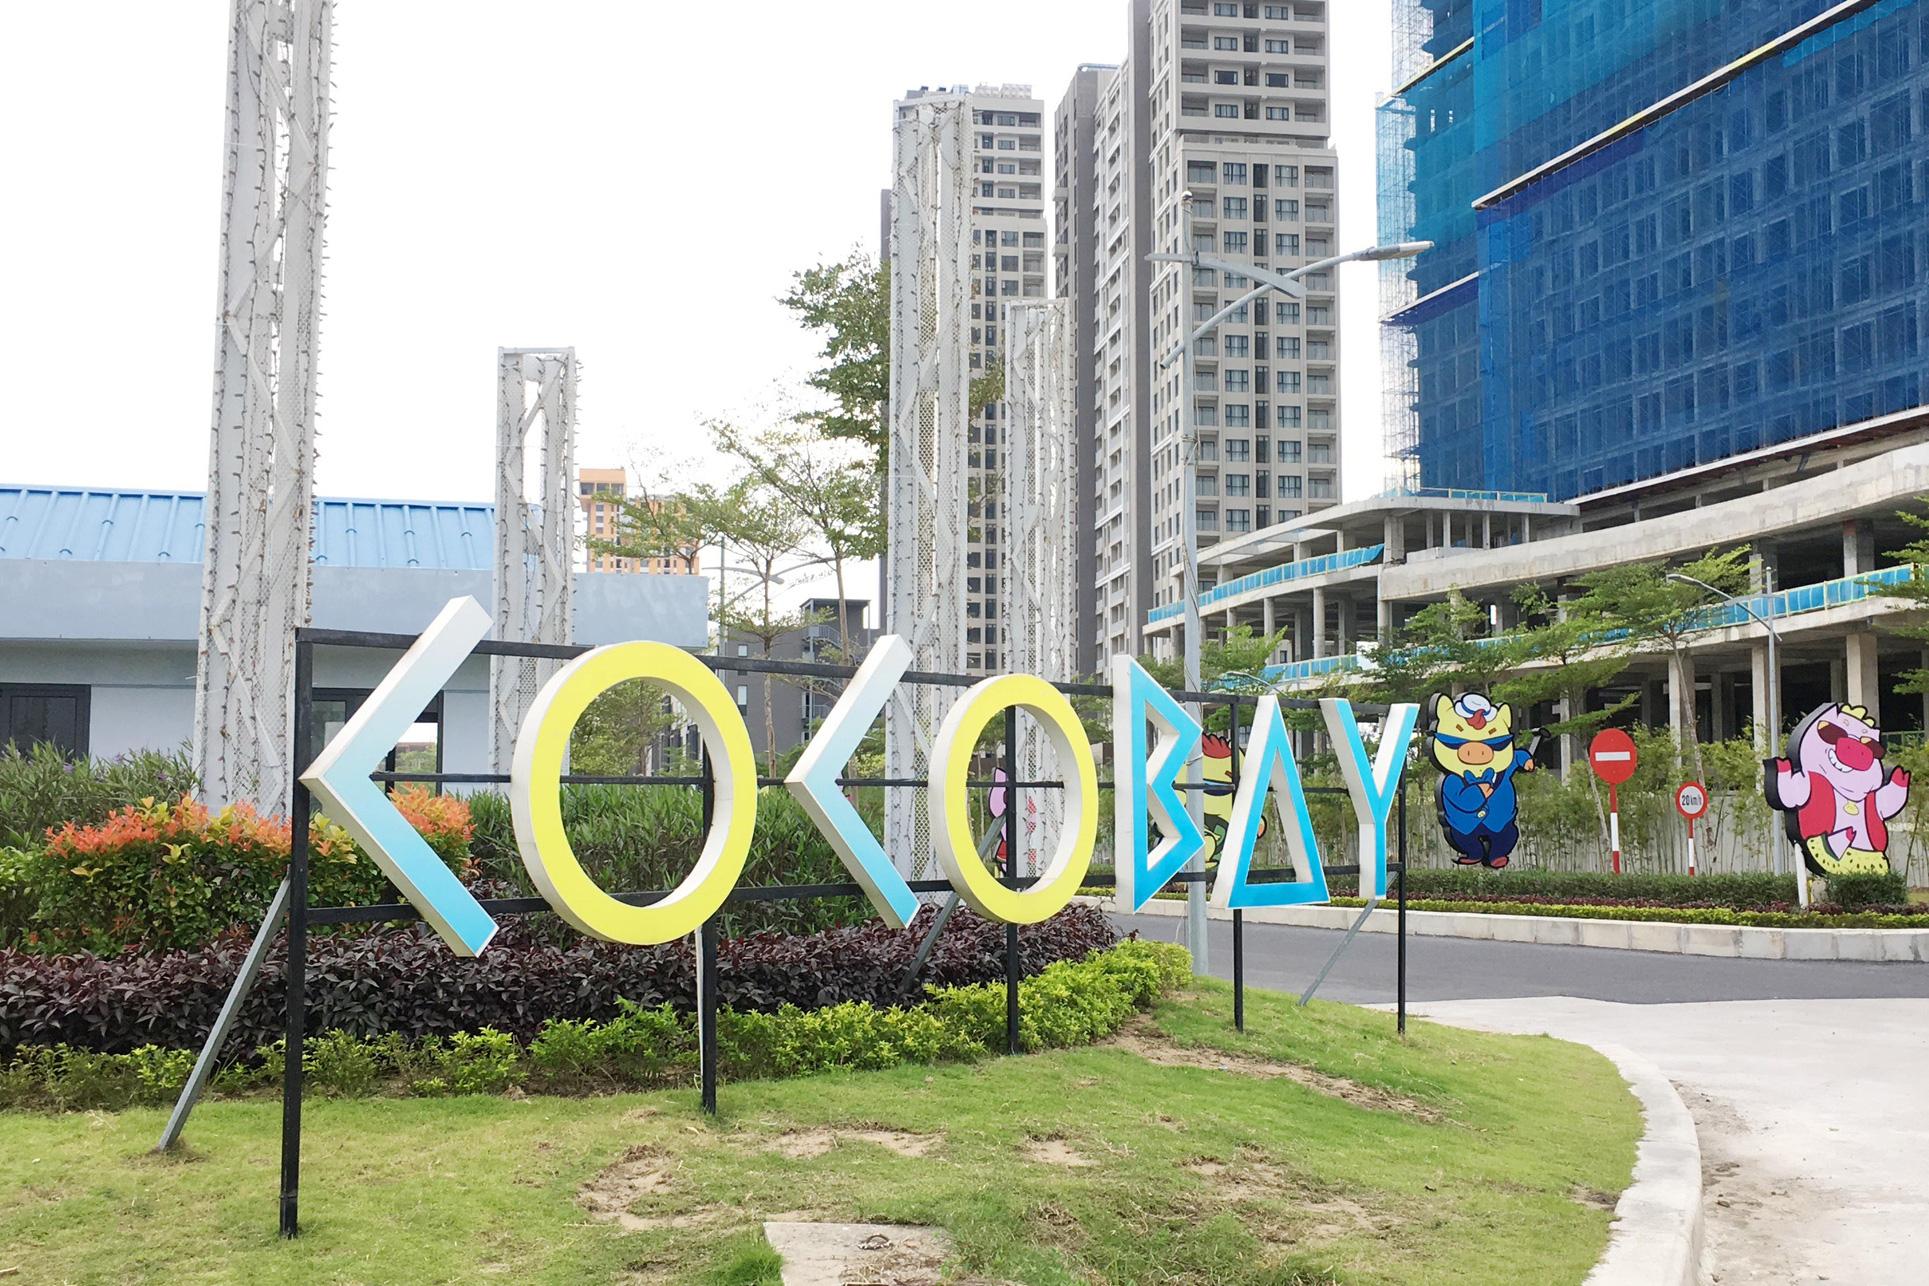 Sóng M&A bất động sản đang diễn ra ở thị trường Đà Nẵng